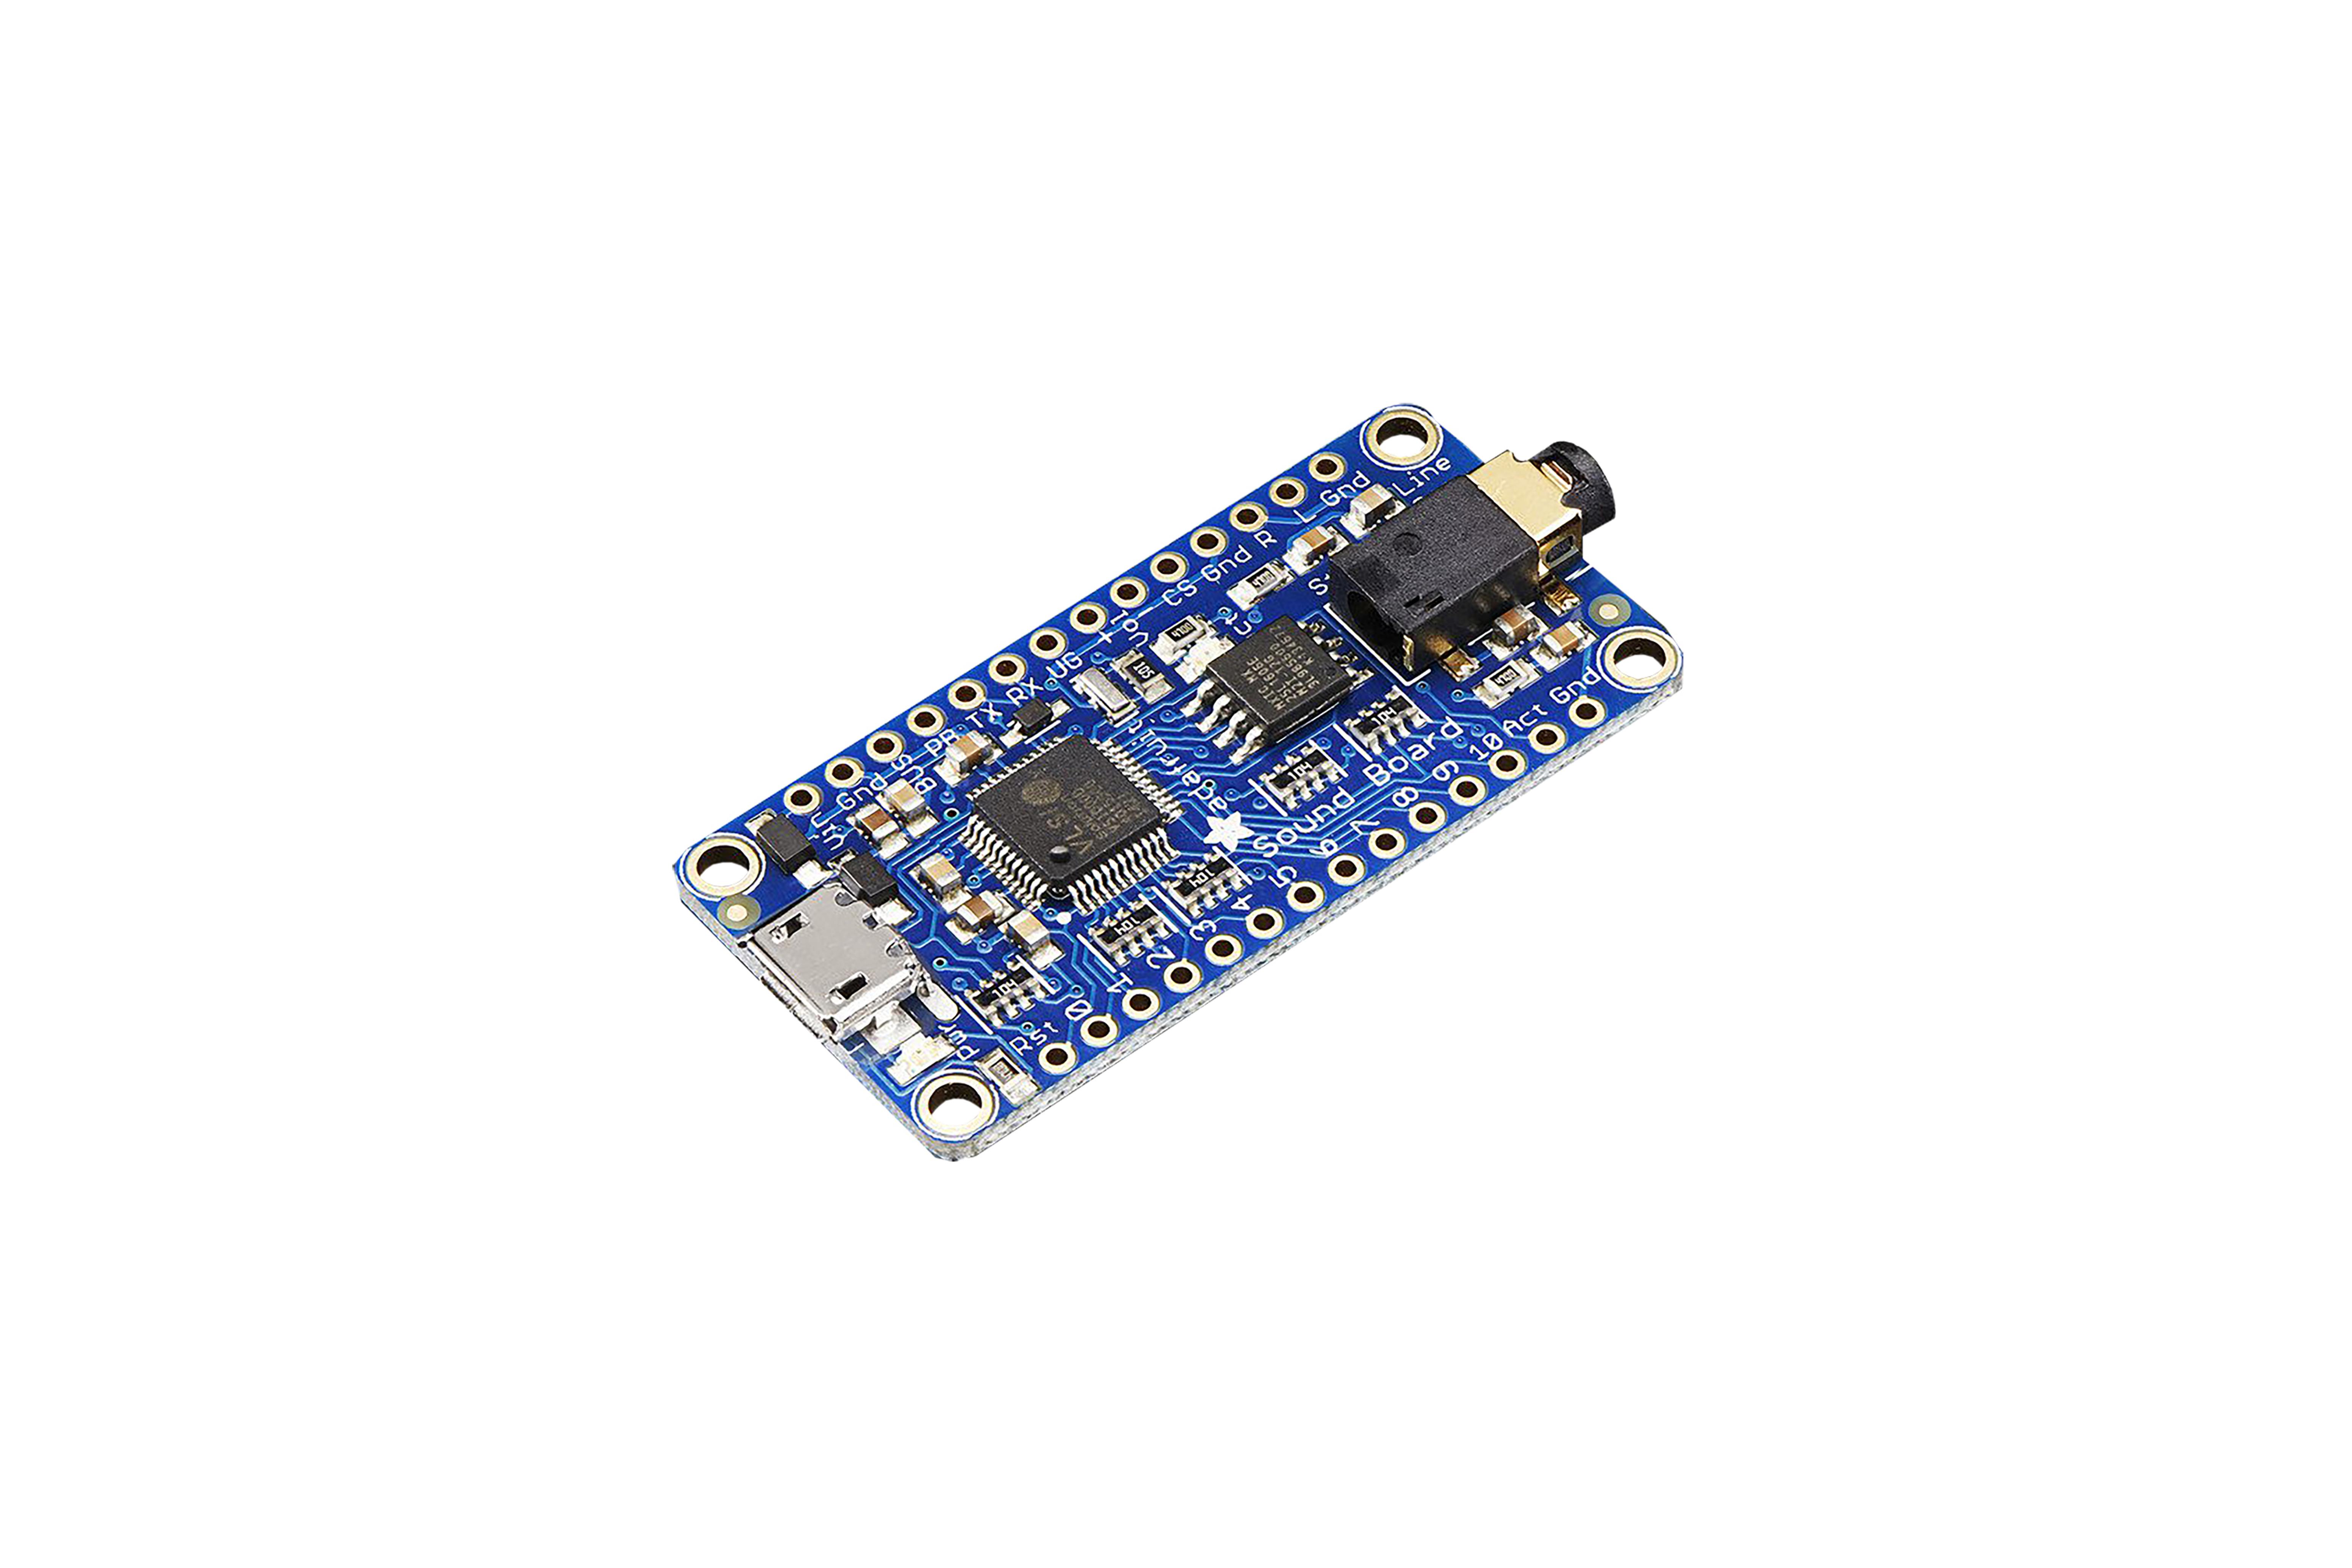 Adafruit(アダフルーツ) オーディオ FX サウンドボード 2MB フラッシュ